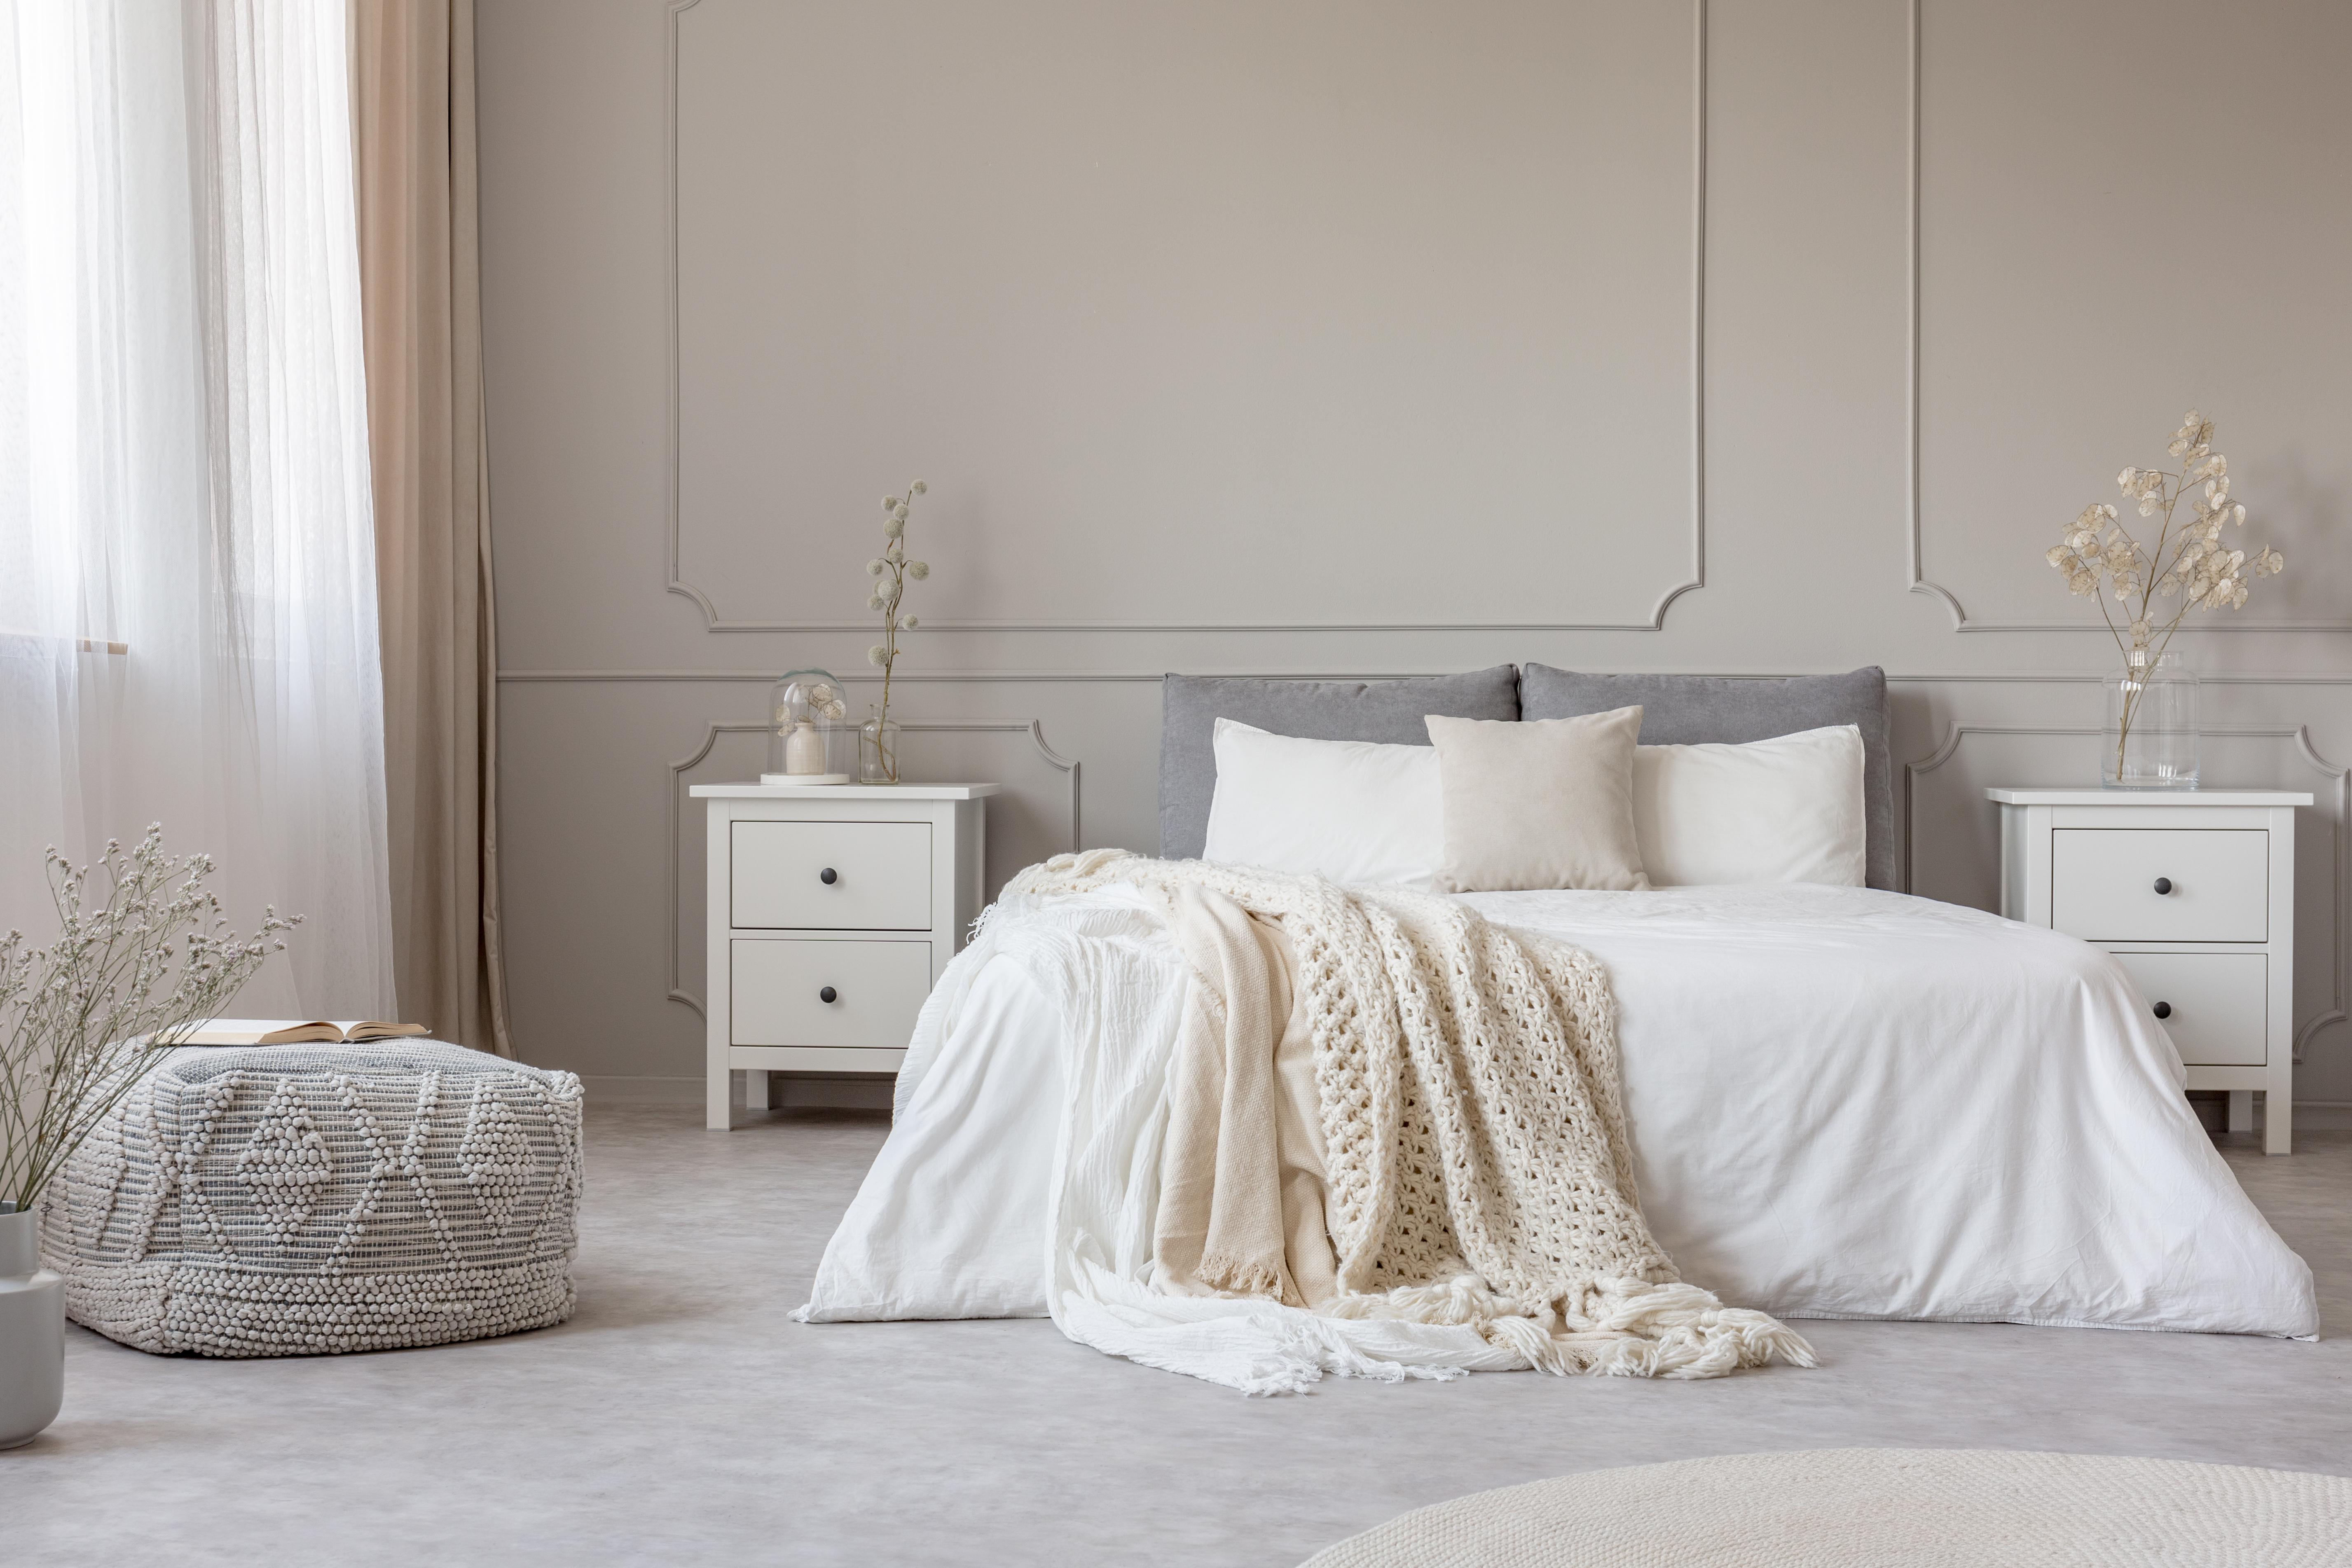 اذواق انثويه في الديكور الداخلي Chic-feminine-bedroom-interior-in-trendy-apartment-vcwurad